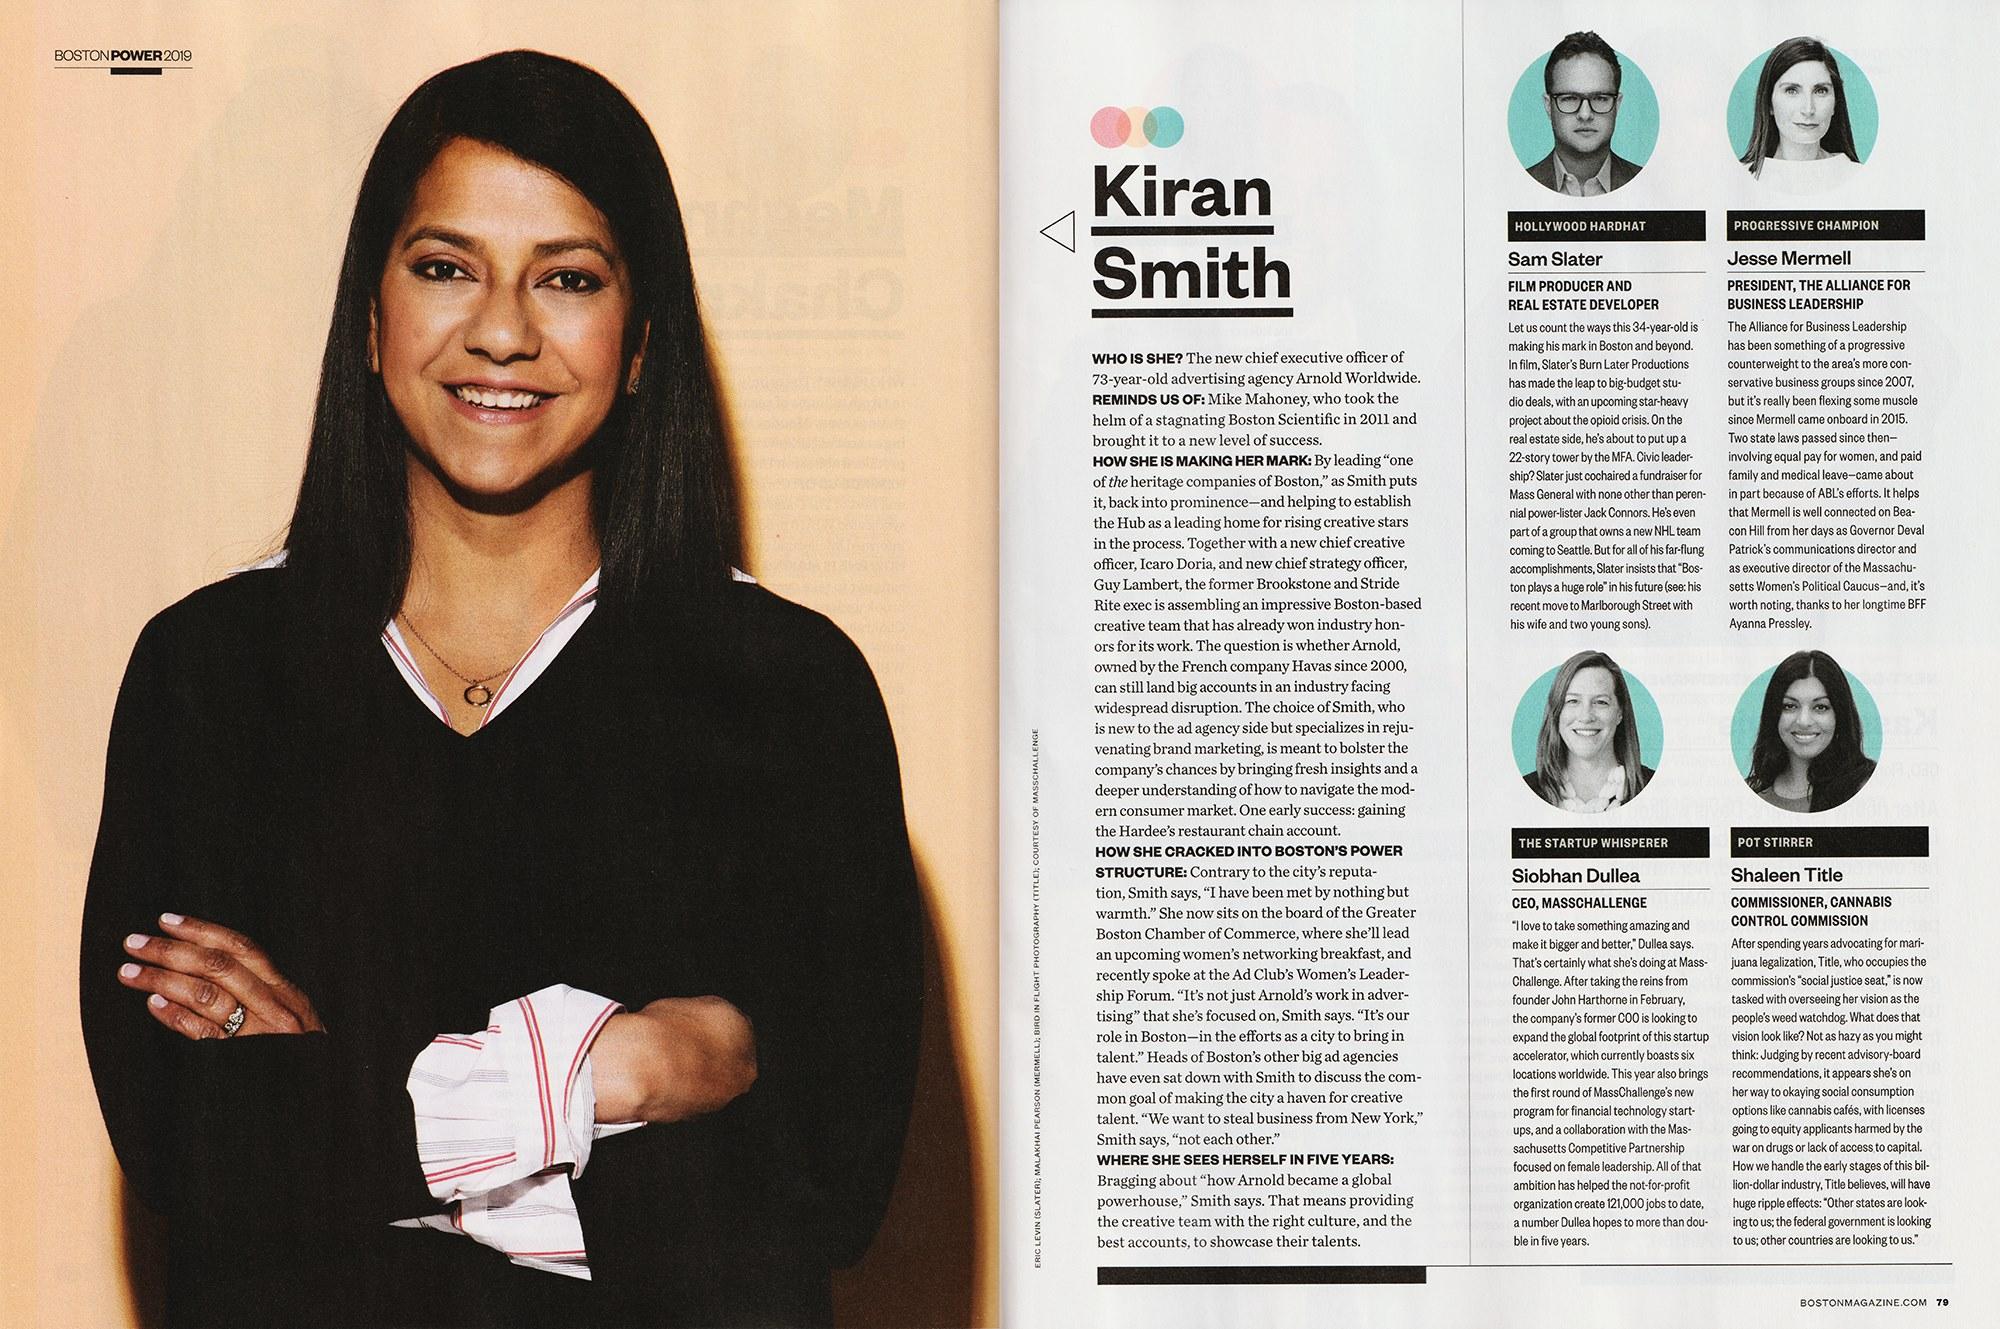 Kiran Smith, C.E.O. of Arnold Worldwide